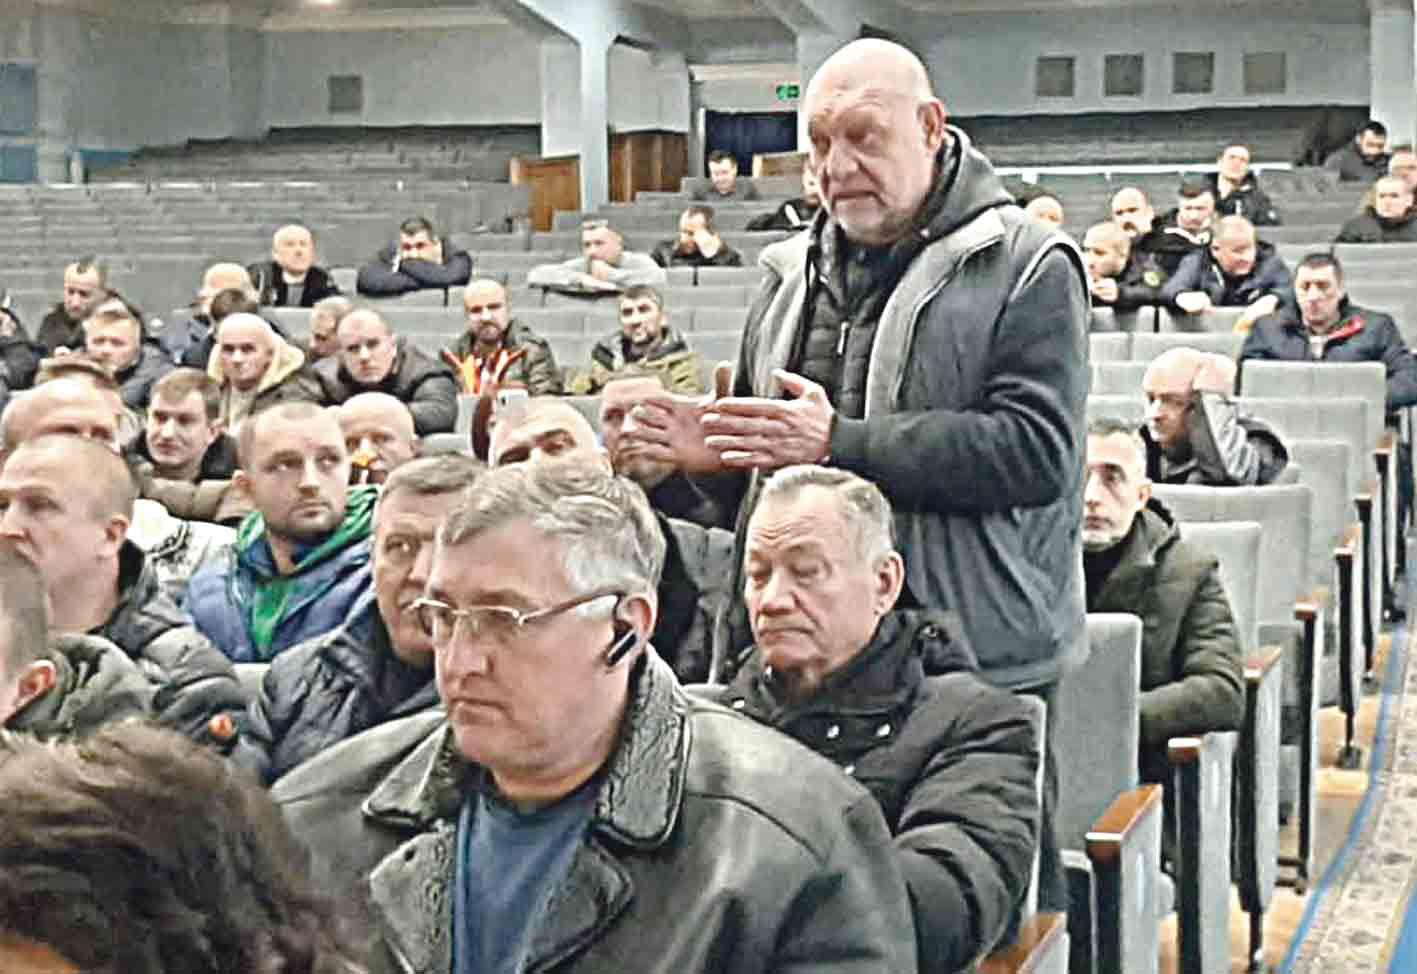 З'їзд фронтовиків Вінниччини «Досить лікувати «блатних», – дорікнули начальнику госпіталю та домовились контролювати владу всіх рівнів